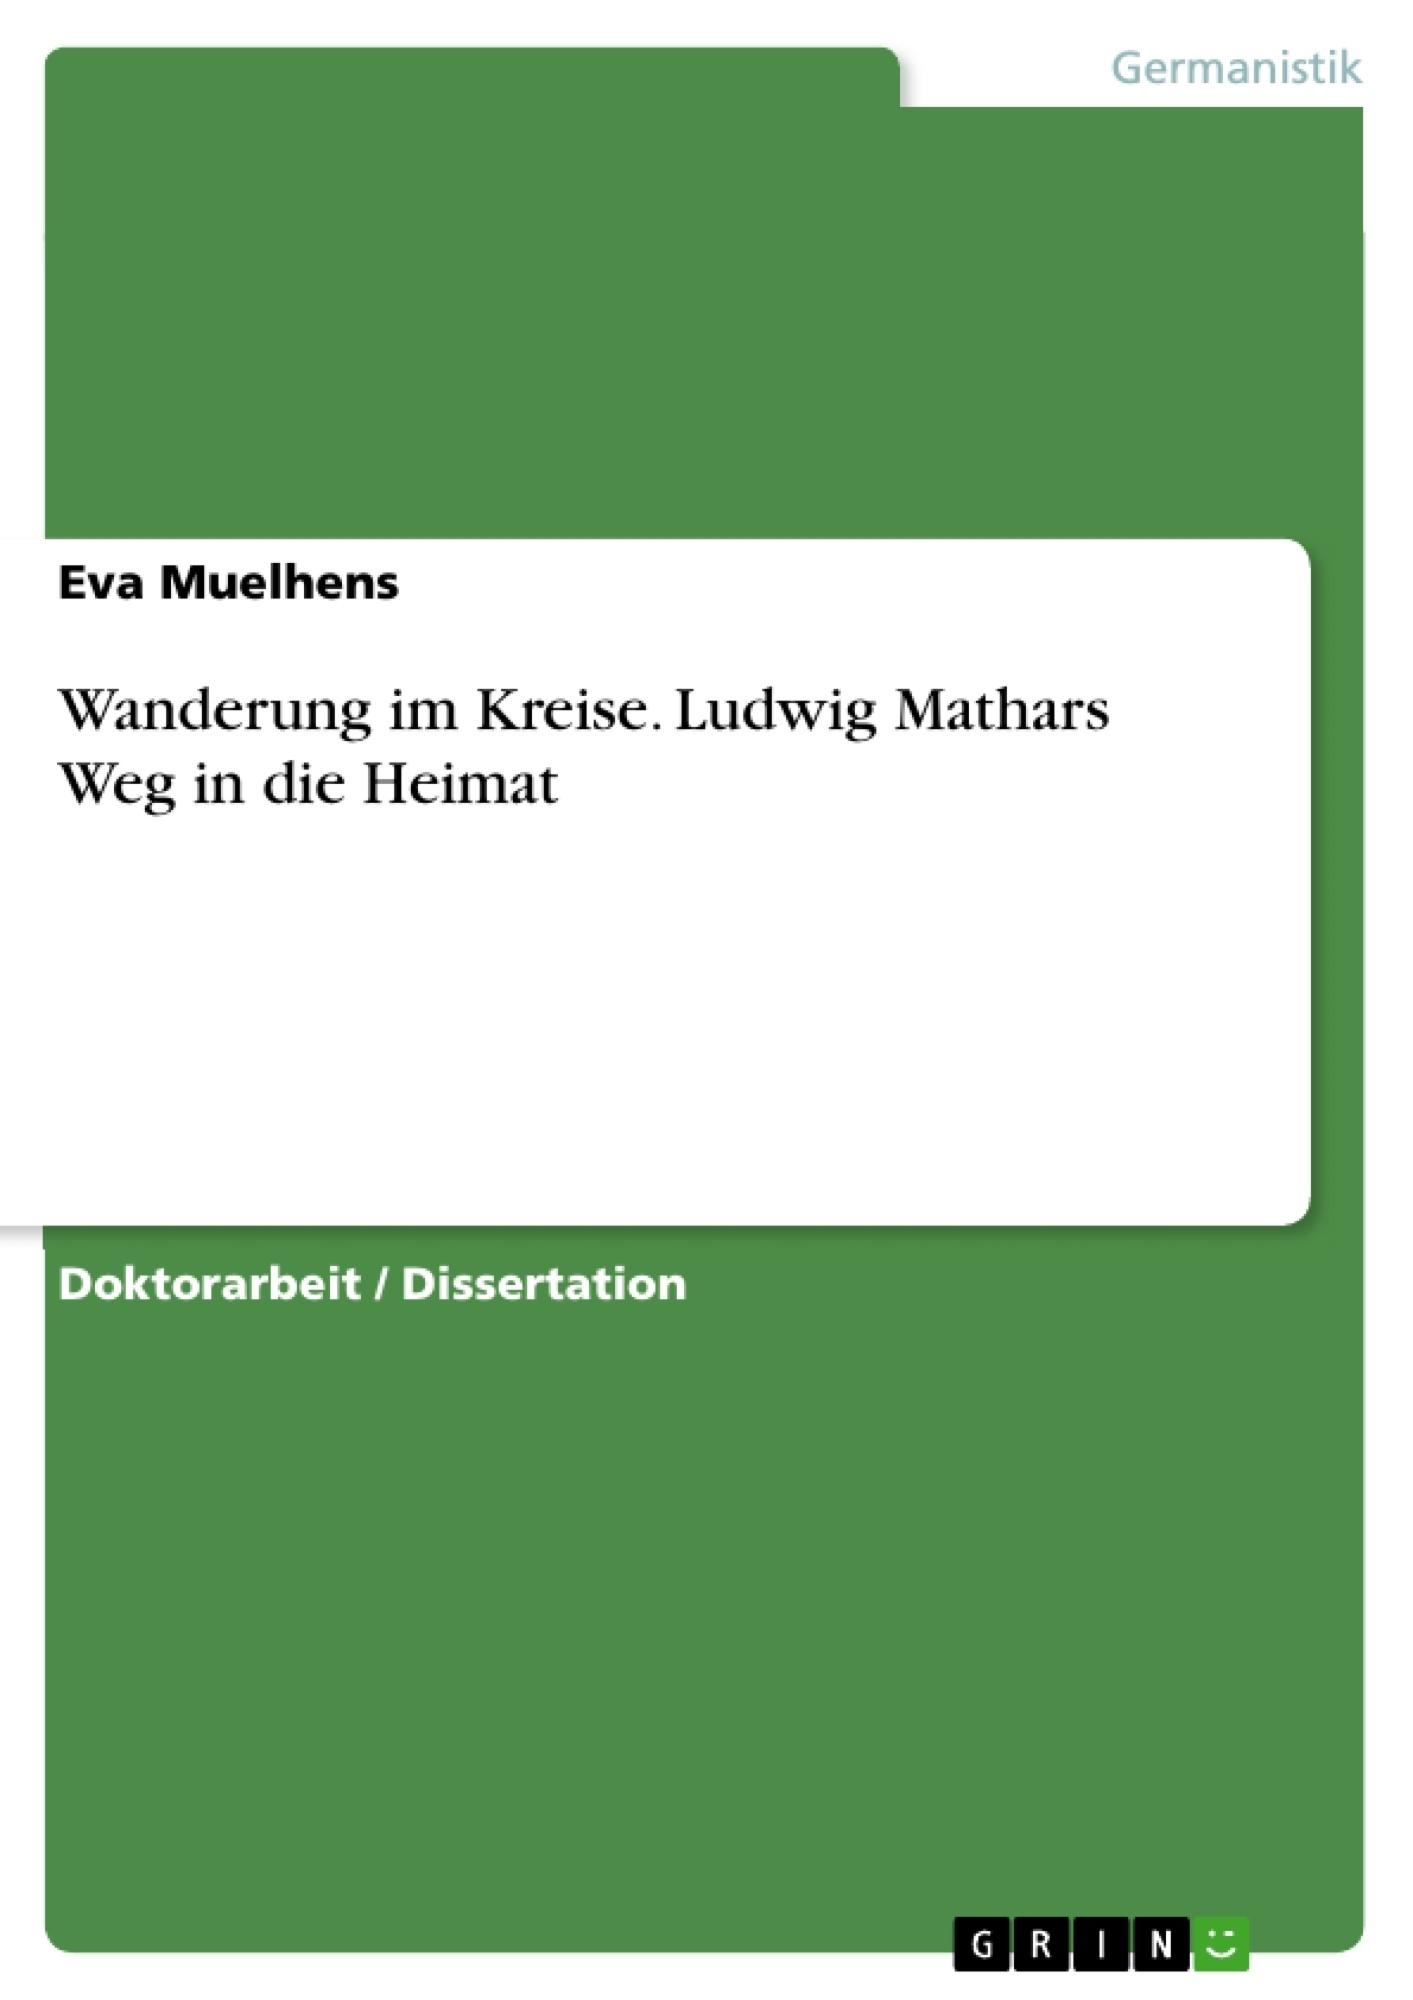 Titel: Wanderung im Kreise. Ludwig Mathars Weg in die Heimat